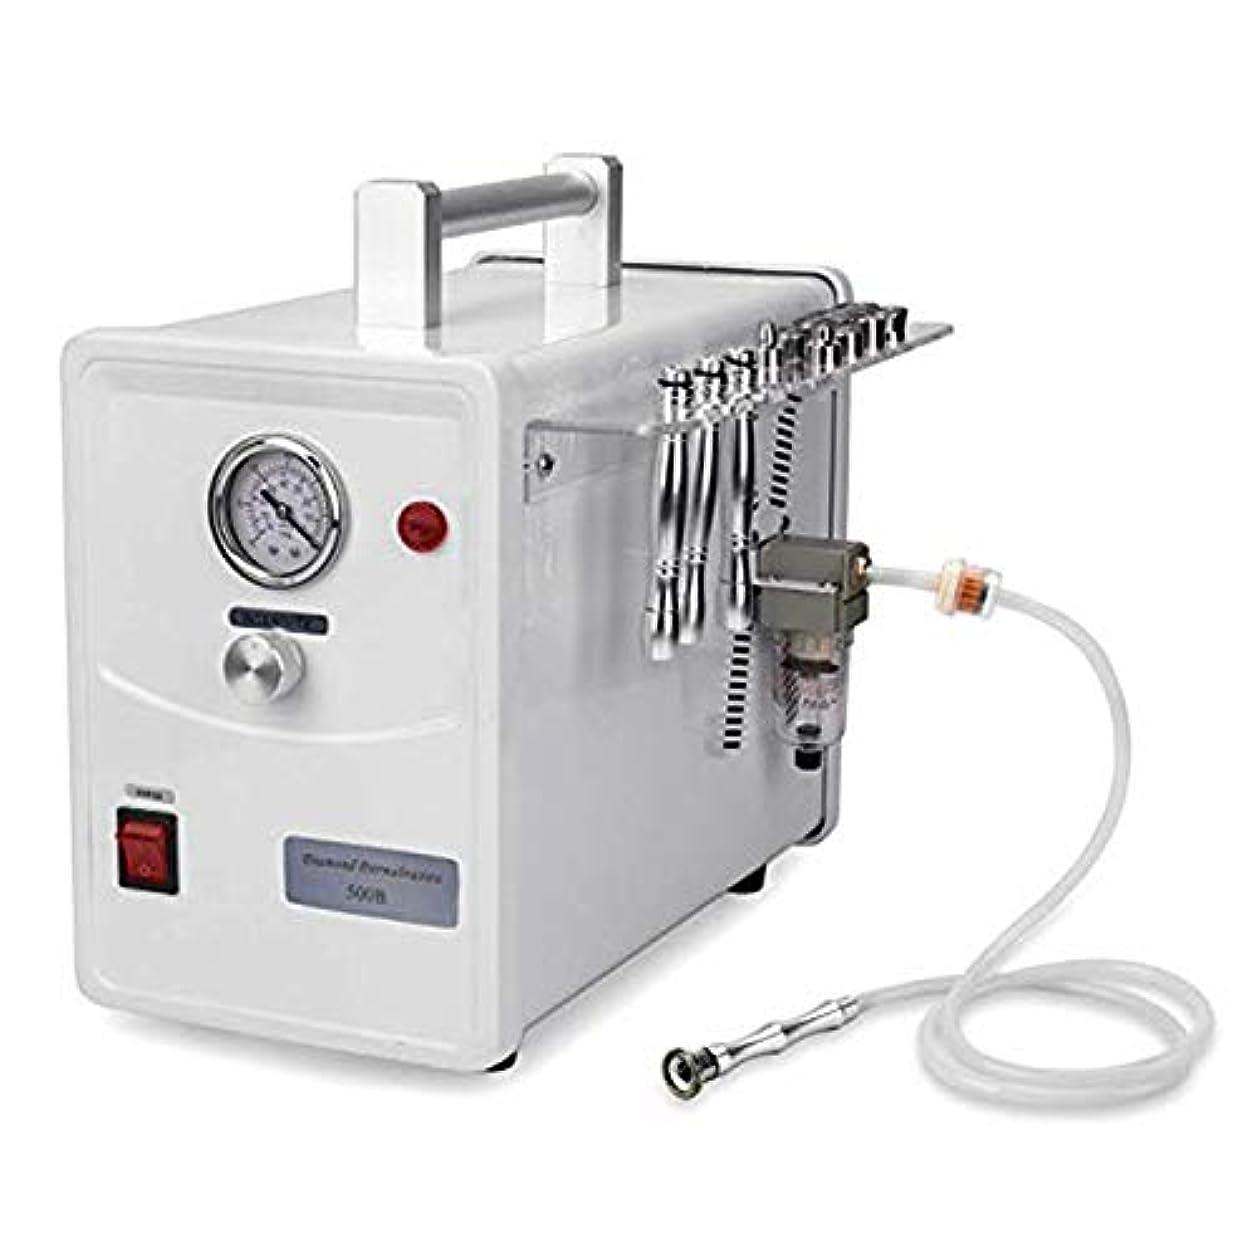 ゲインセイ元気消化ダイヤモンドマイクロダーマブレーションマシン、rfessionalダーマブレーションダイヤモンド美容機器、フェイシャルケアサロン機器機器家庭用